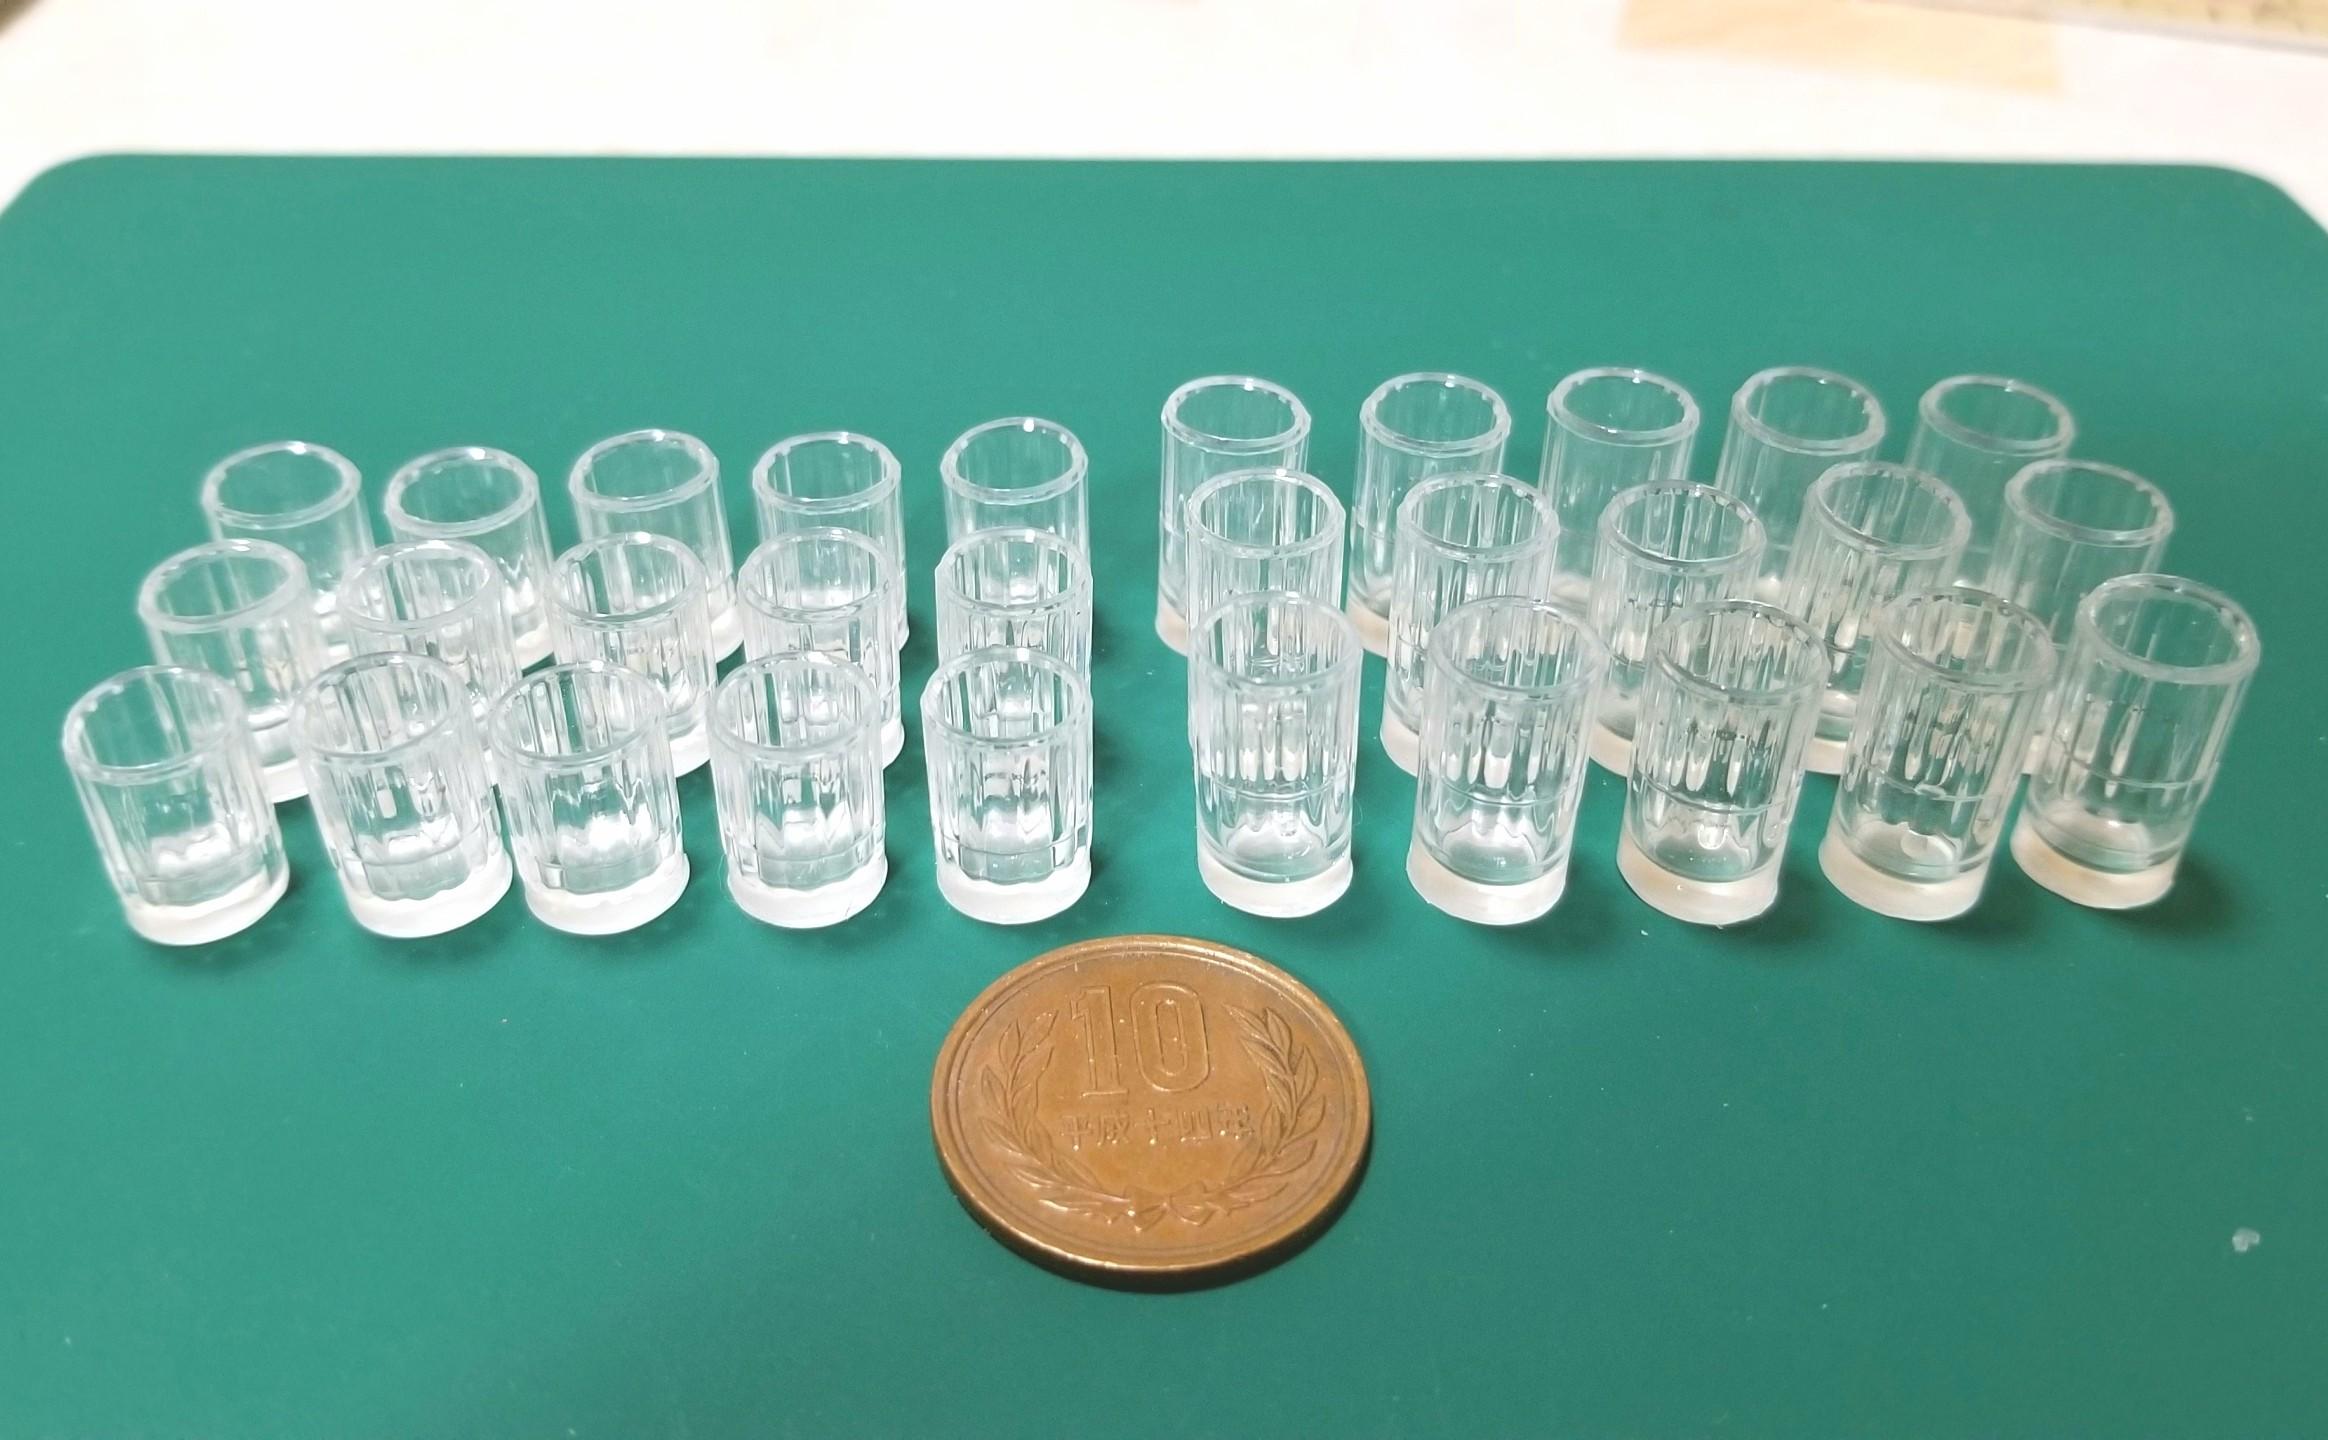 ミニチュア,グラス,コップ,作り方,シガレットフィルターを使って